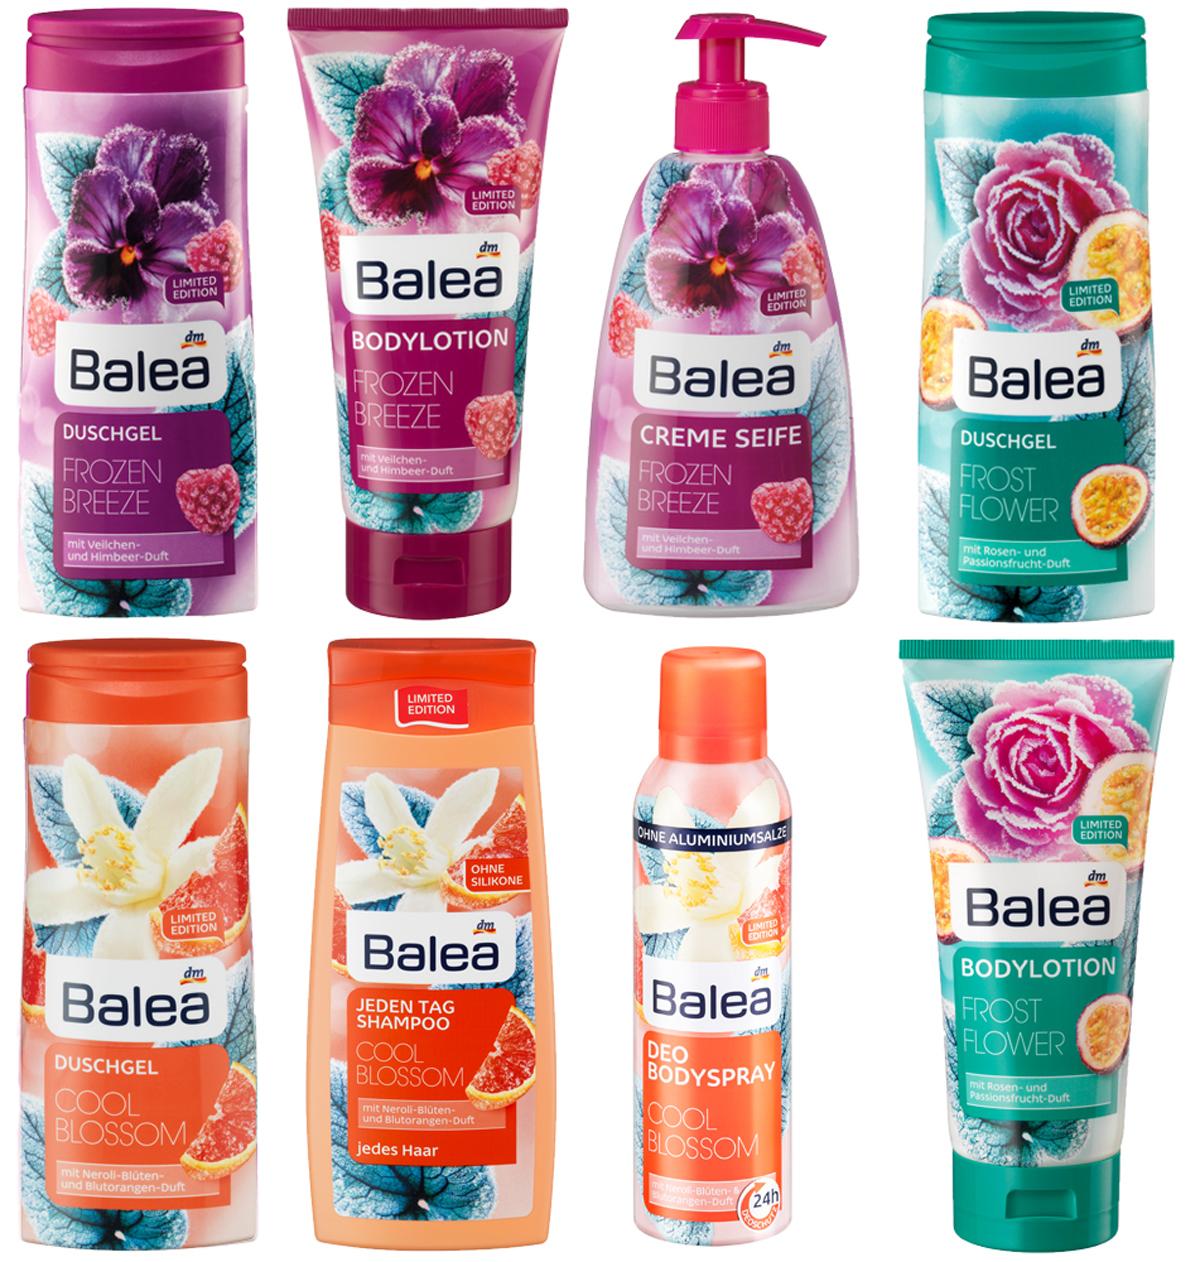 balea-herbst-limited-edition Neu von Balea - Pflegeprodukte Limited Edition für den Herbst